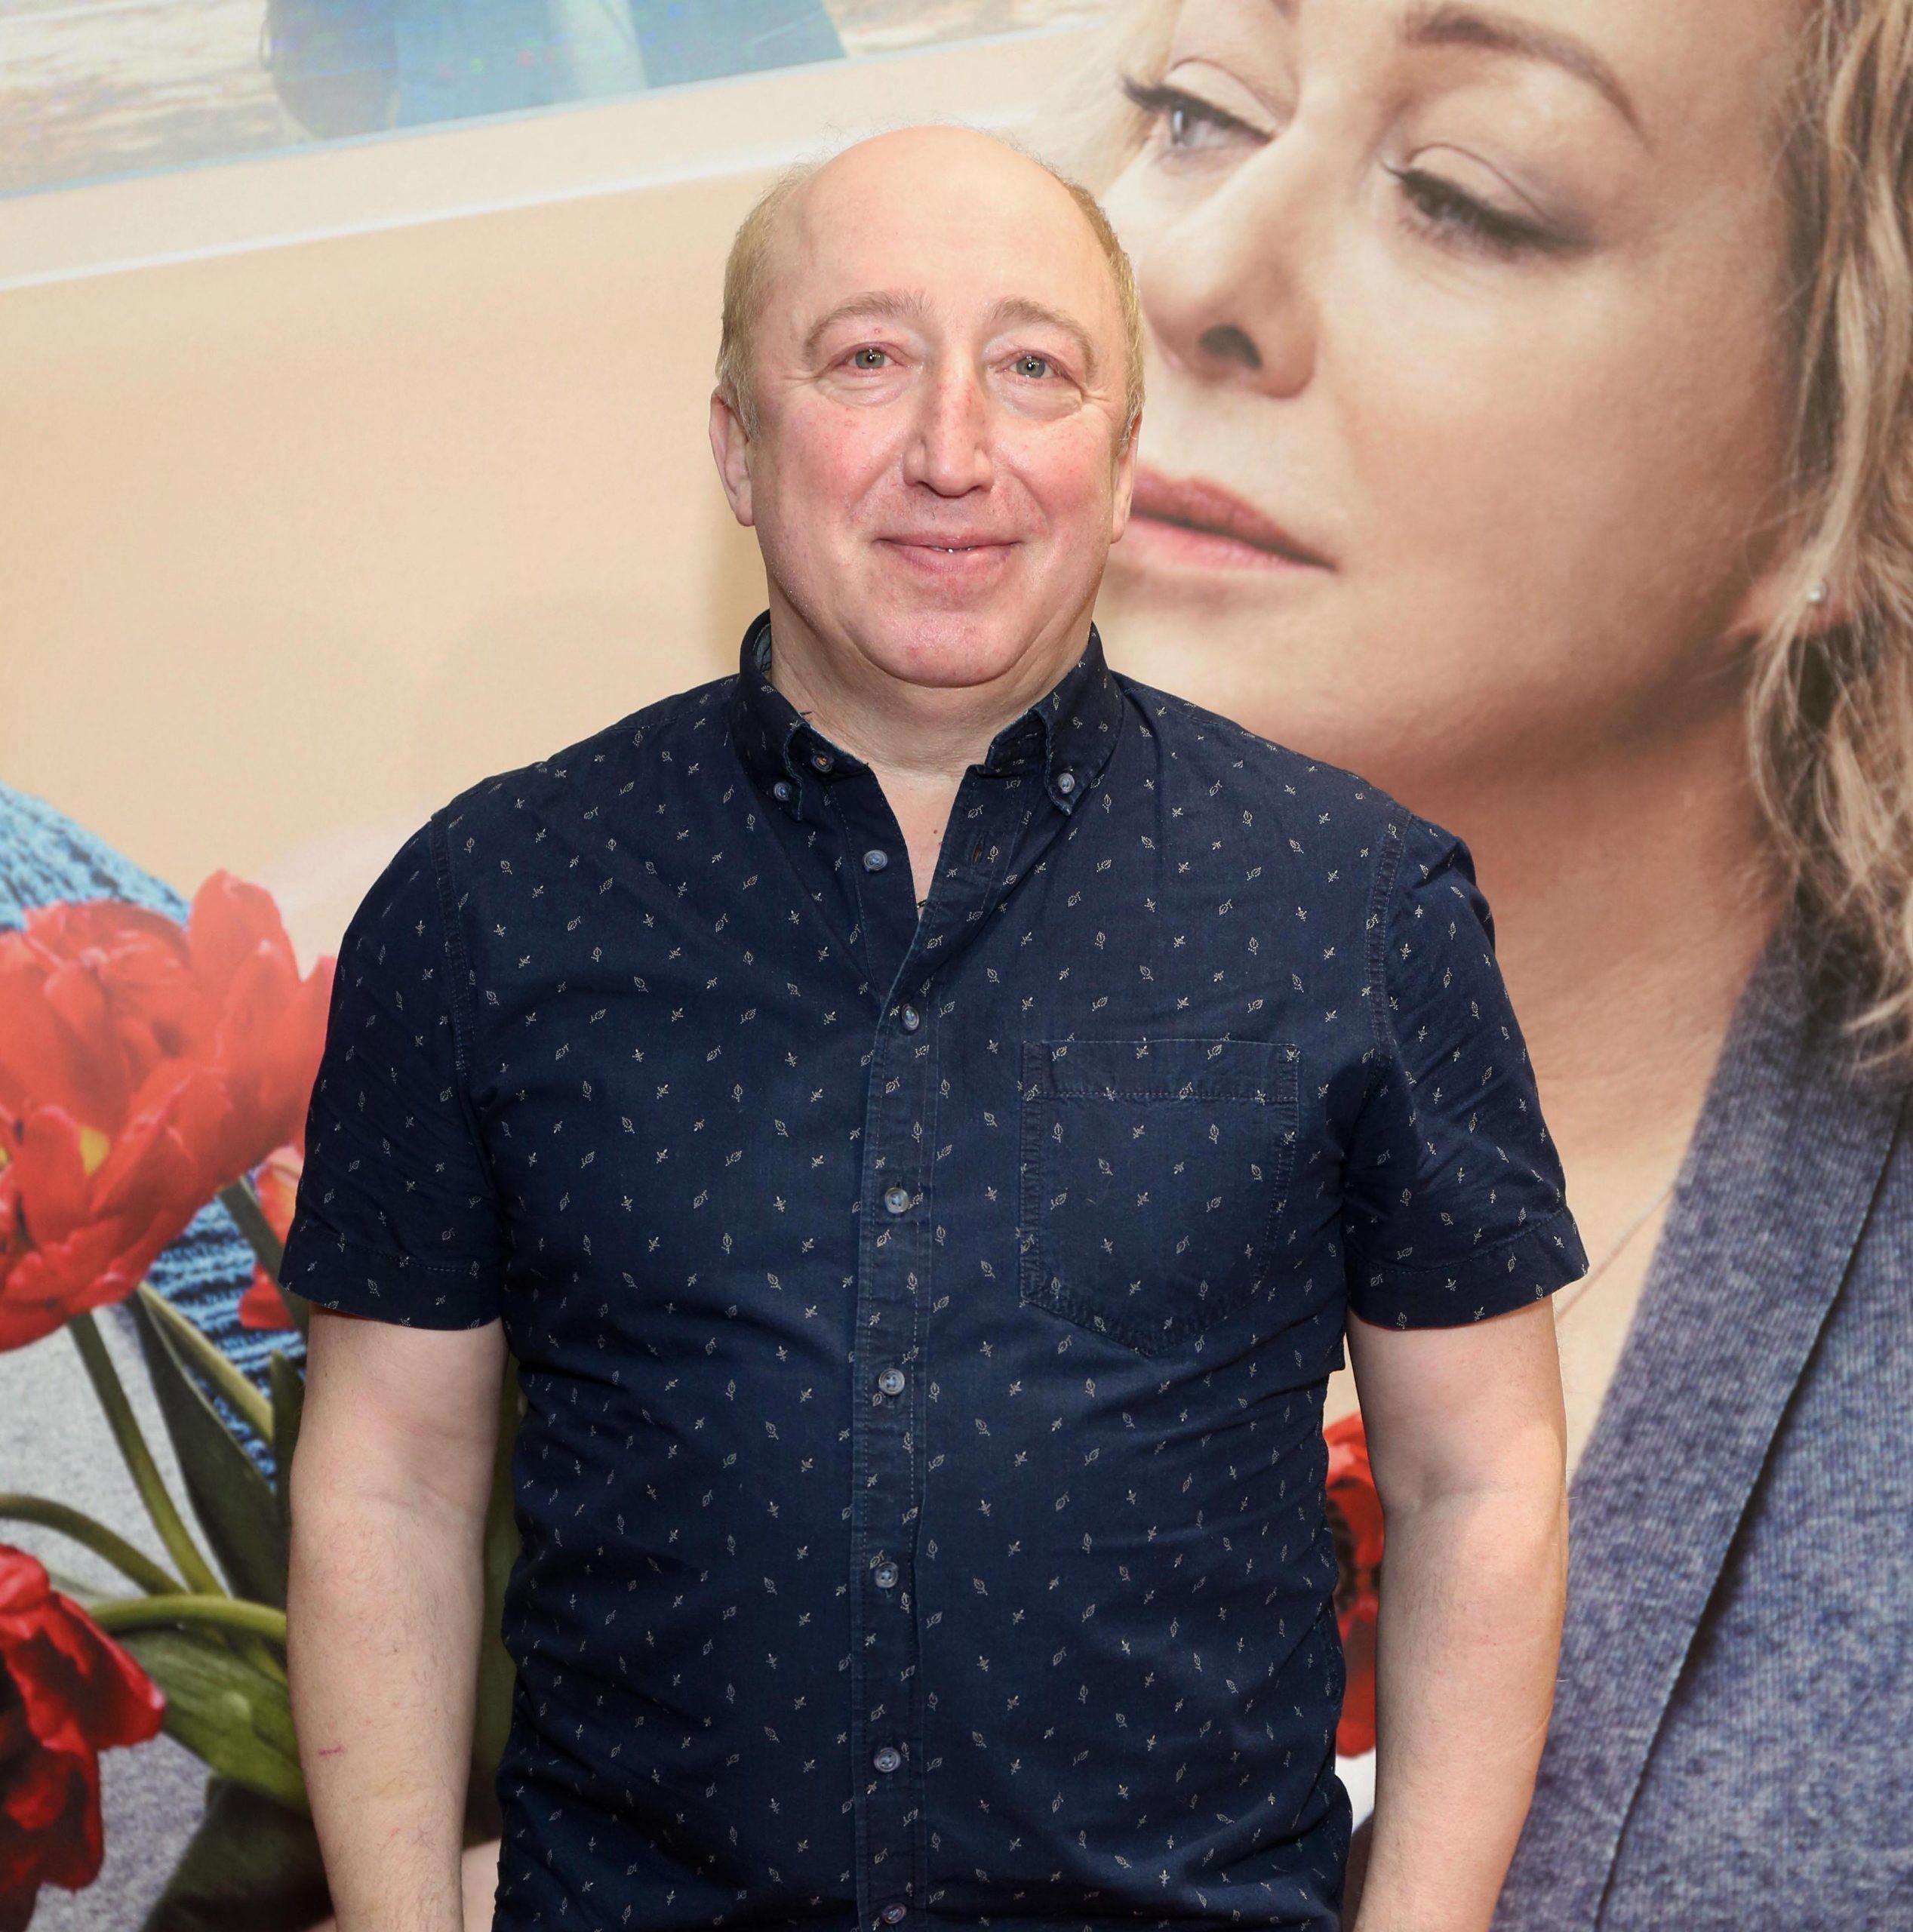 Сергей Степин чаще всего узнают по сериалу «ЧОП». Фото: PERSONA STARS